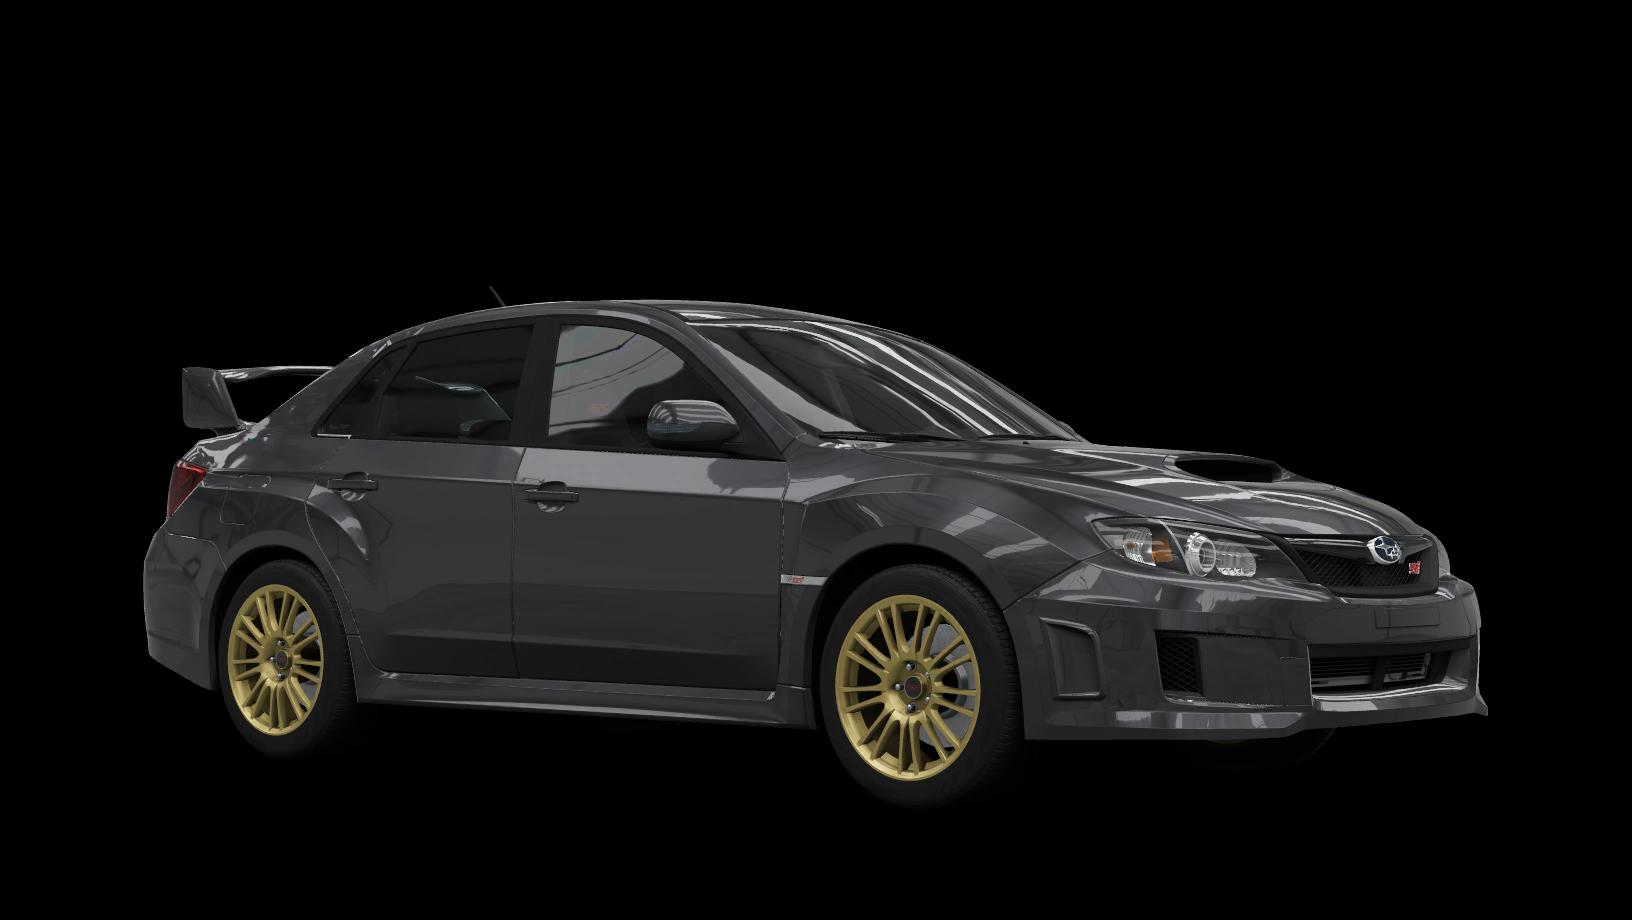 Subaru Wrx Sti 2011 Forza Wiki Fandom